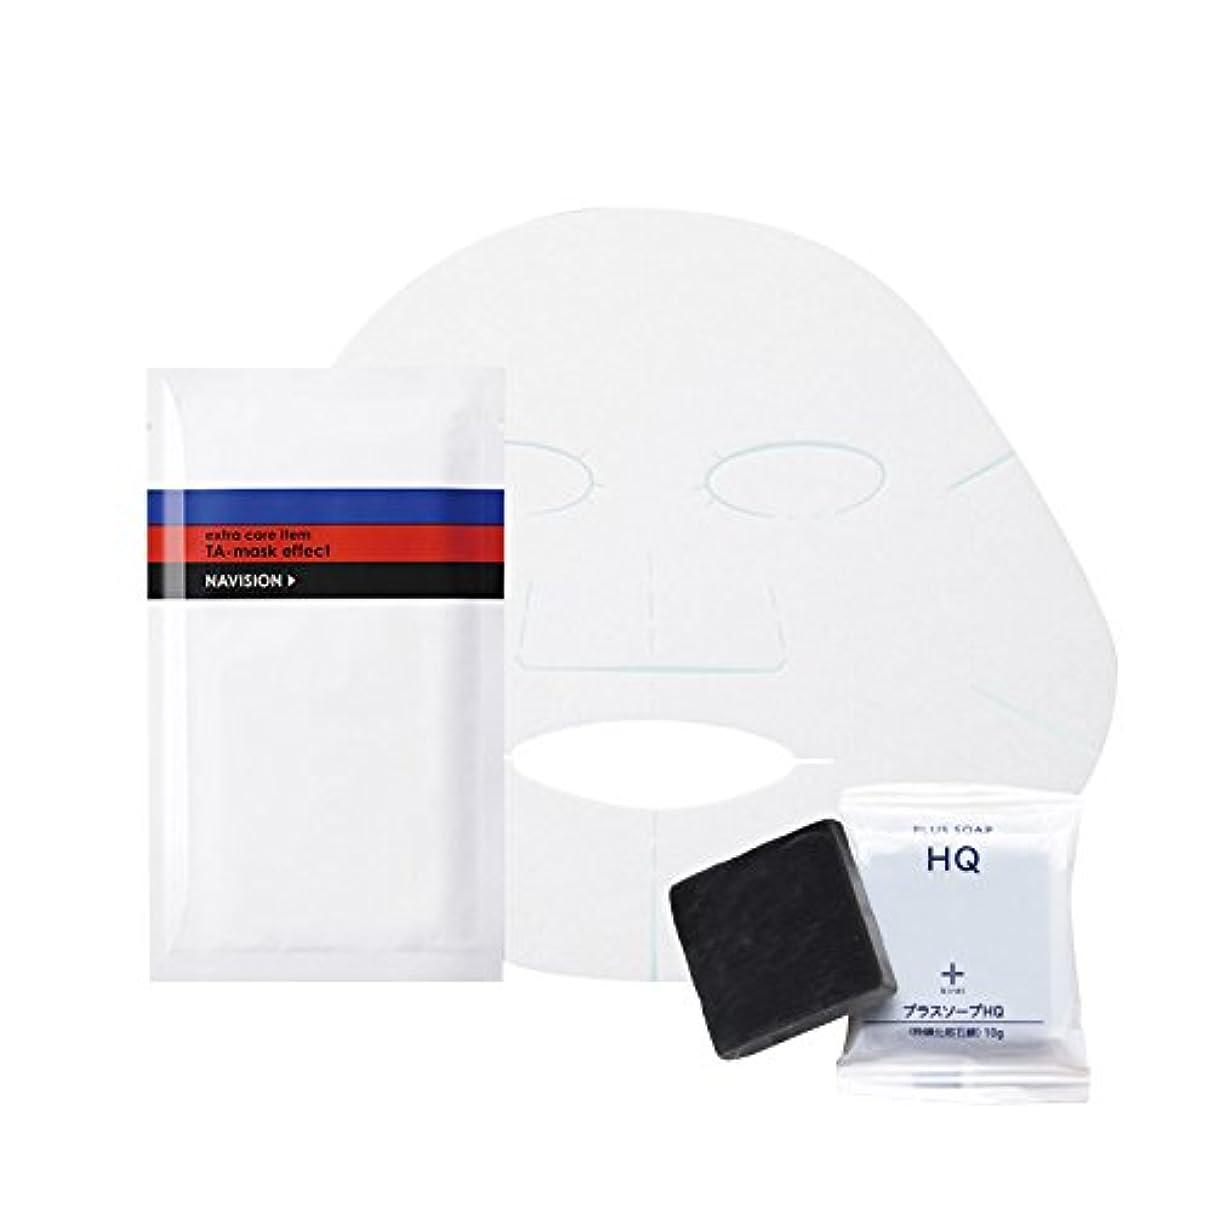 カウントアップ類人猿先生ナビジョン NAVISION TAマスクエフェクト 18mL×5包 + プラスキレイ プラスソープHQミニ